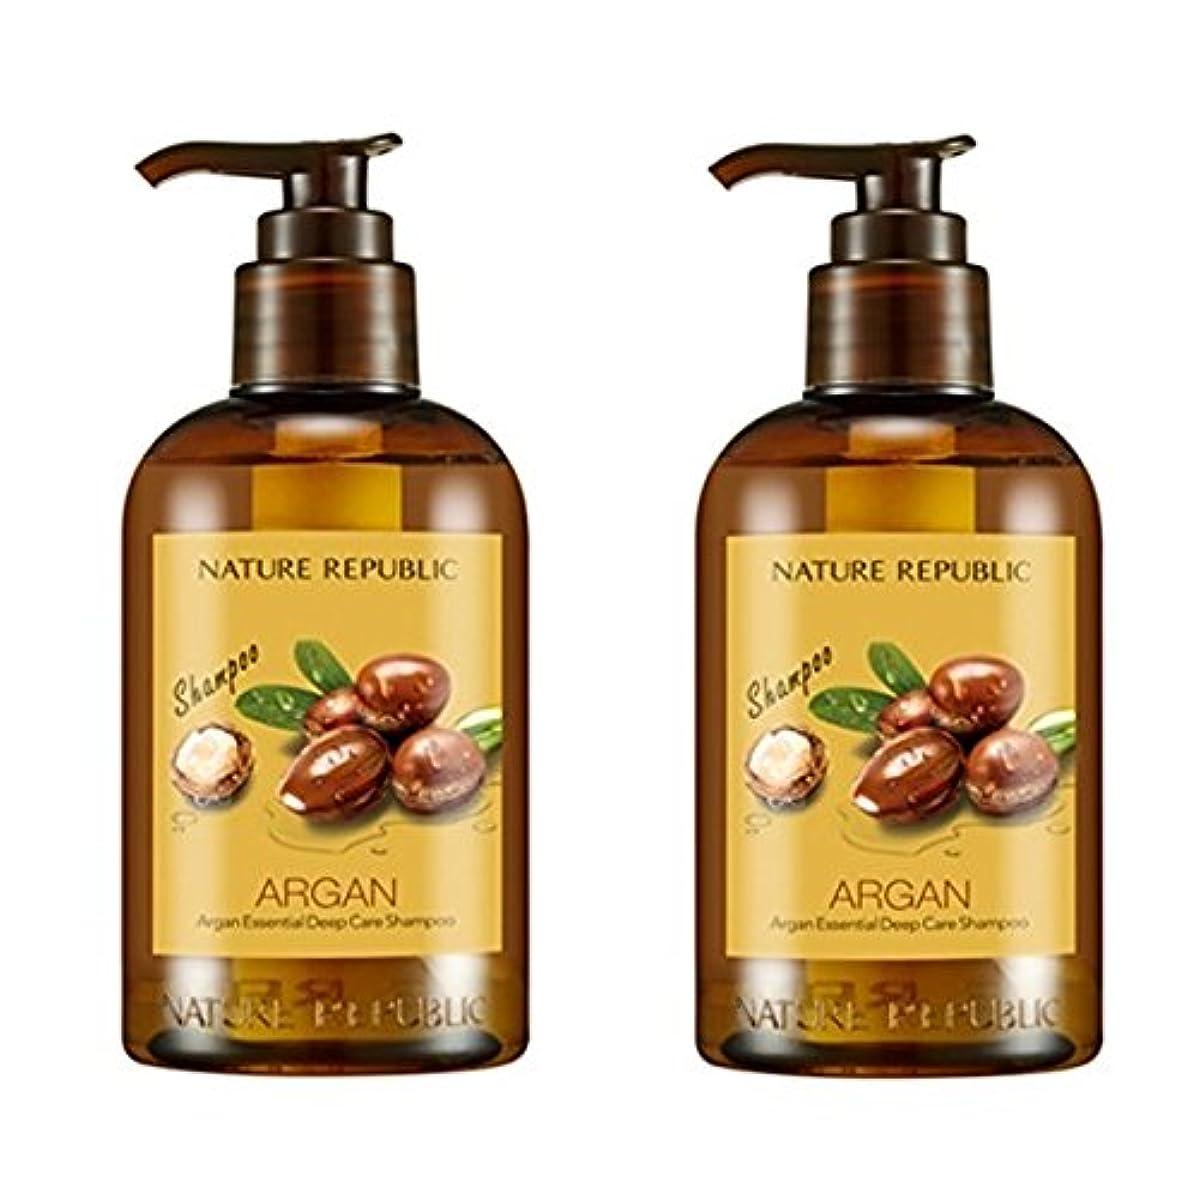 ひばり温かいマットネイチャーリパブリック(NATURE REPUBLIC) アルガン エッセンシャル ディープ ケア シャンプー x 2本 (Argan Essential Deep Care Shampoo x2pcs Set) [並行輸入品]